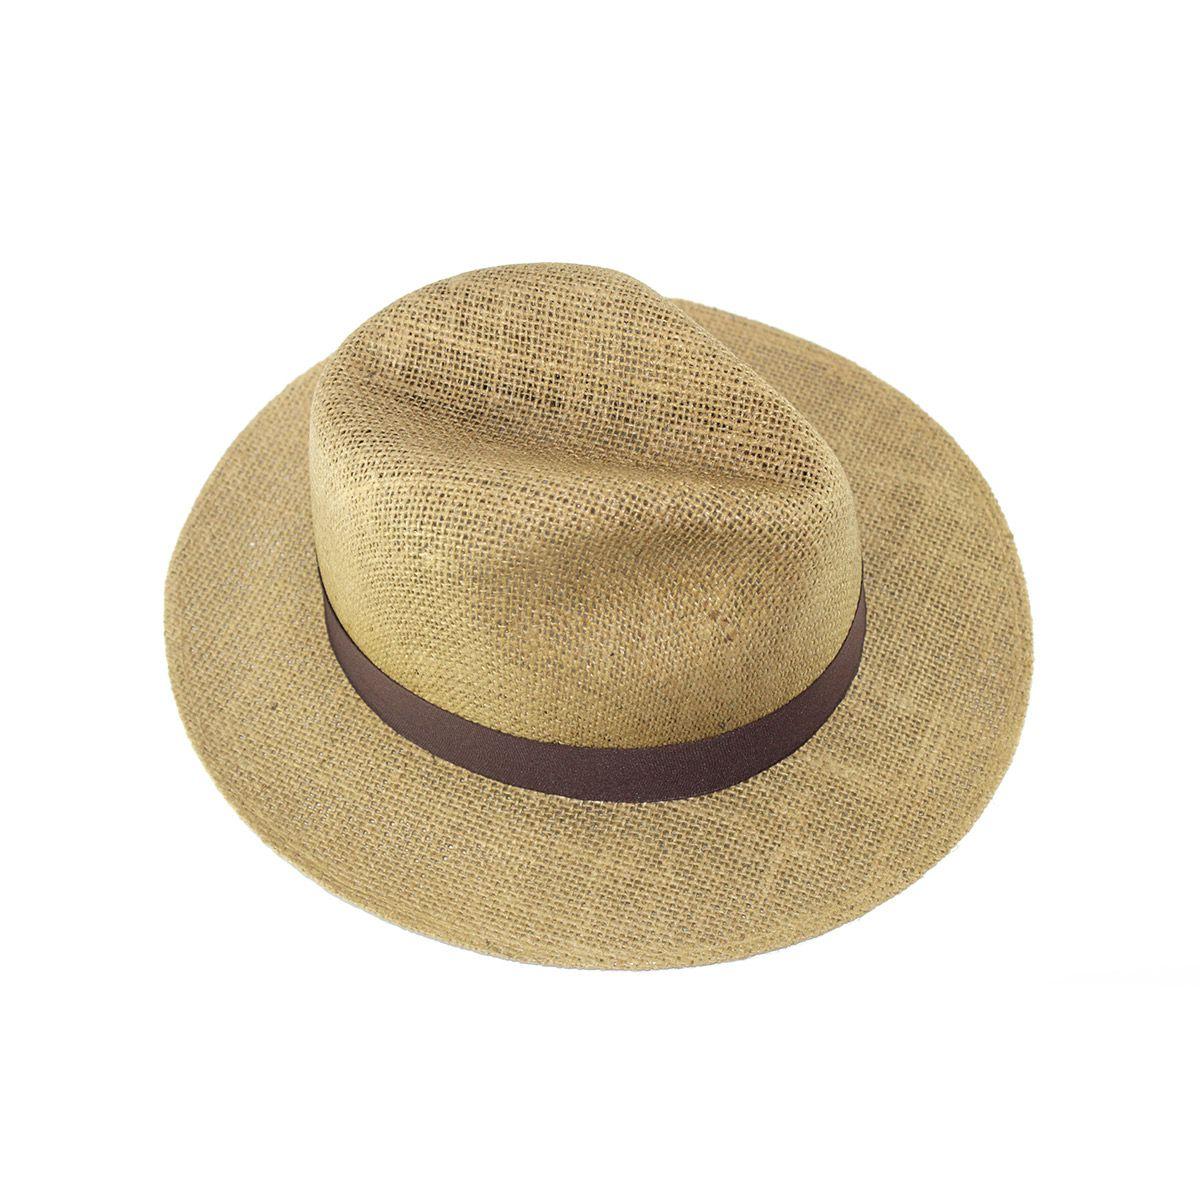 Chapéu Dallas Fedora Juta